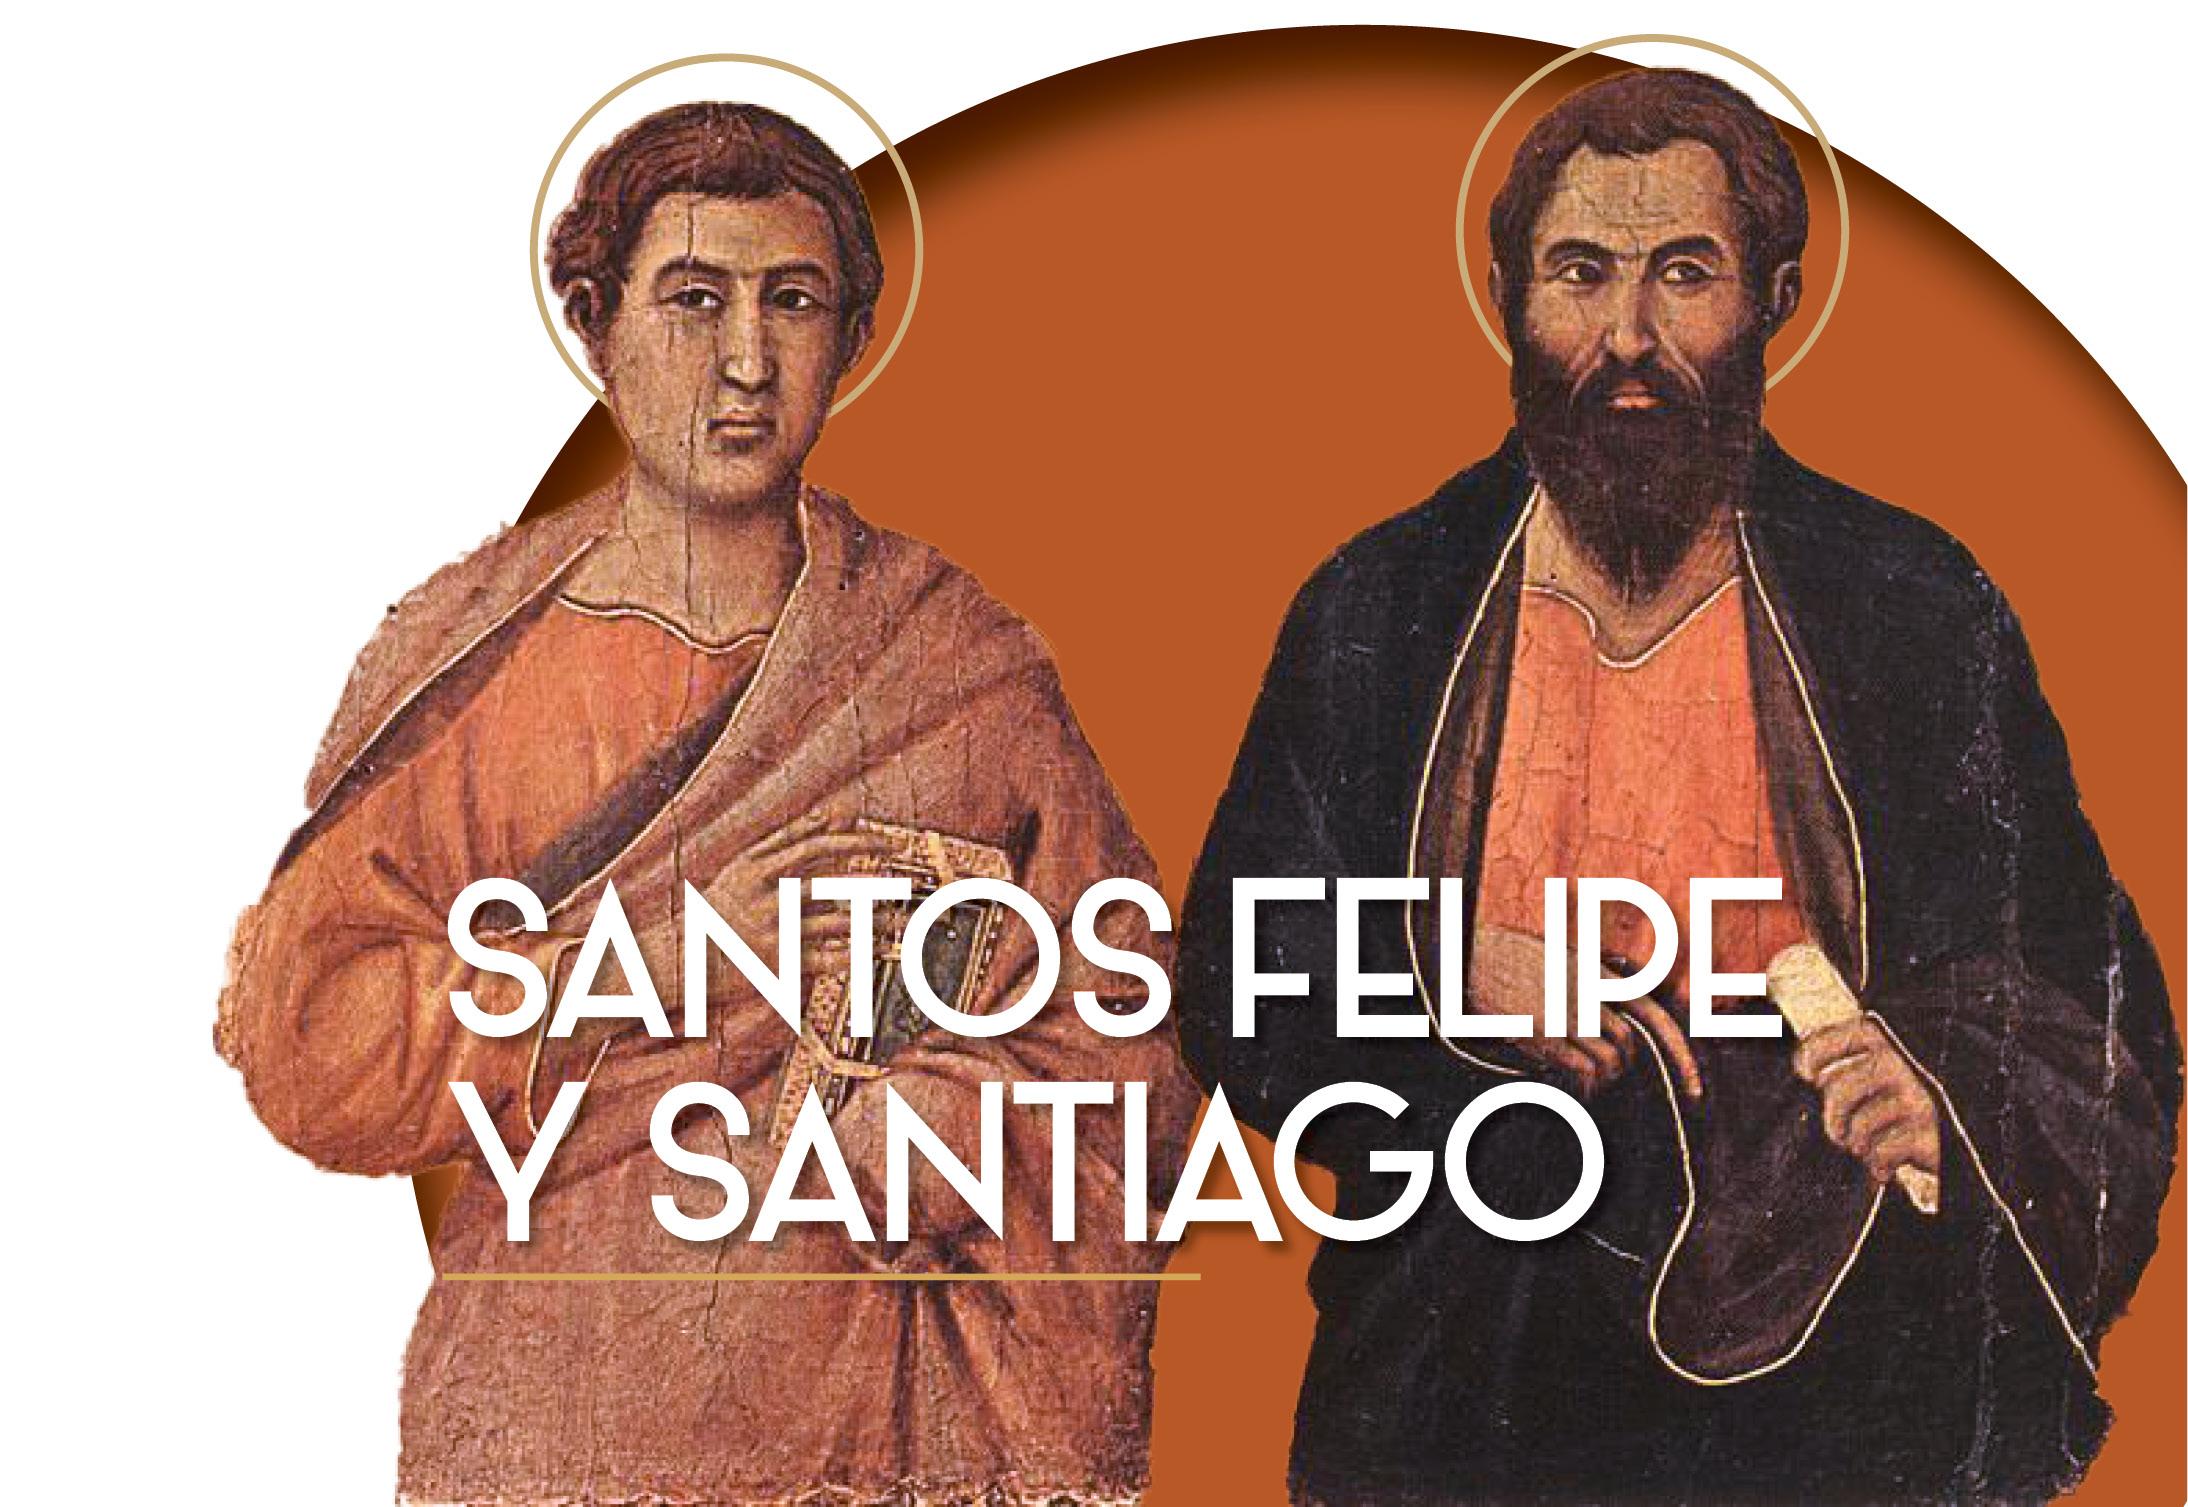 santos apóstoles felipe y santiago